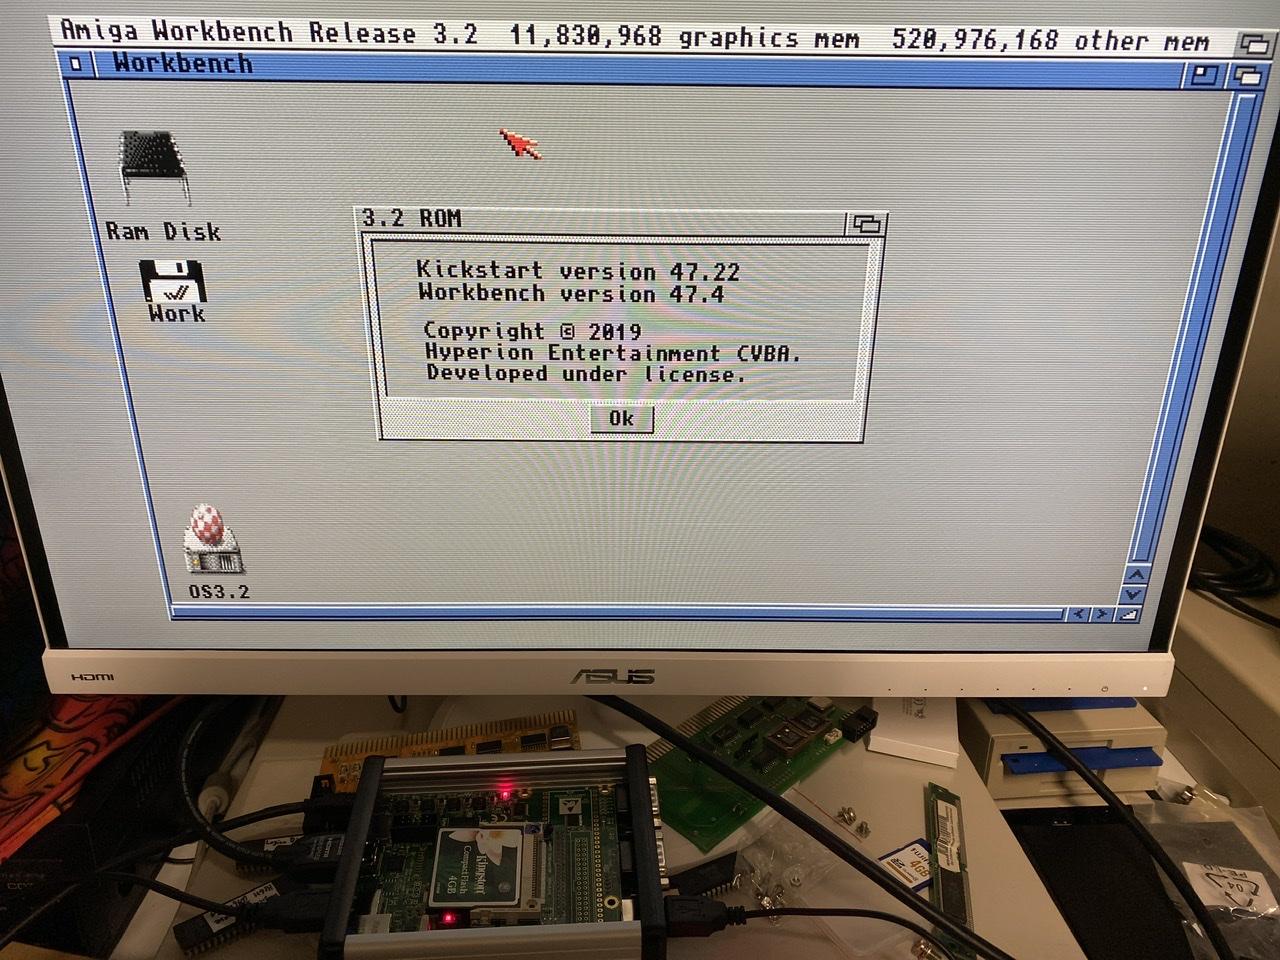 Klikněte na obrázek pro zobrazení větší verze  Název: C21842E4-BEB6-45C0-92CF-8FE7360A630F.jpeg Zobrazeno: 95 Velikost: 436,9 KB ID: 9951